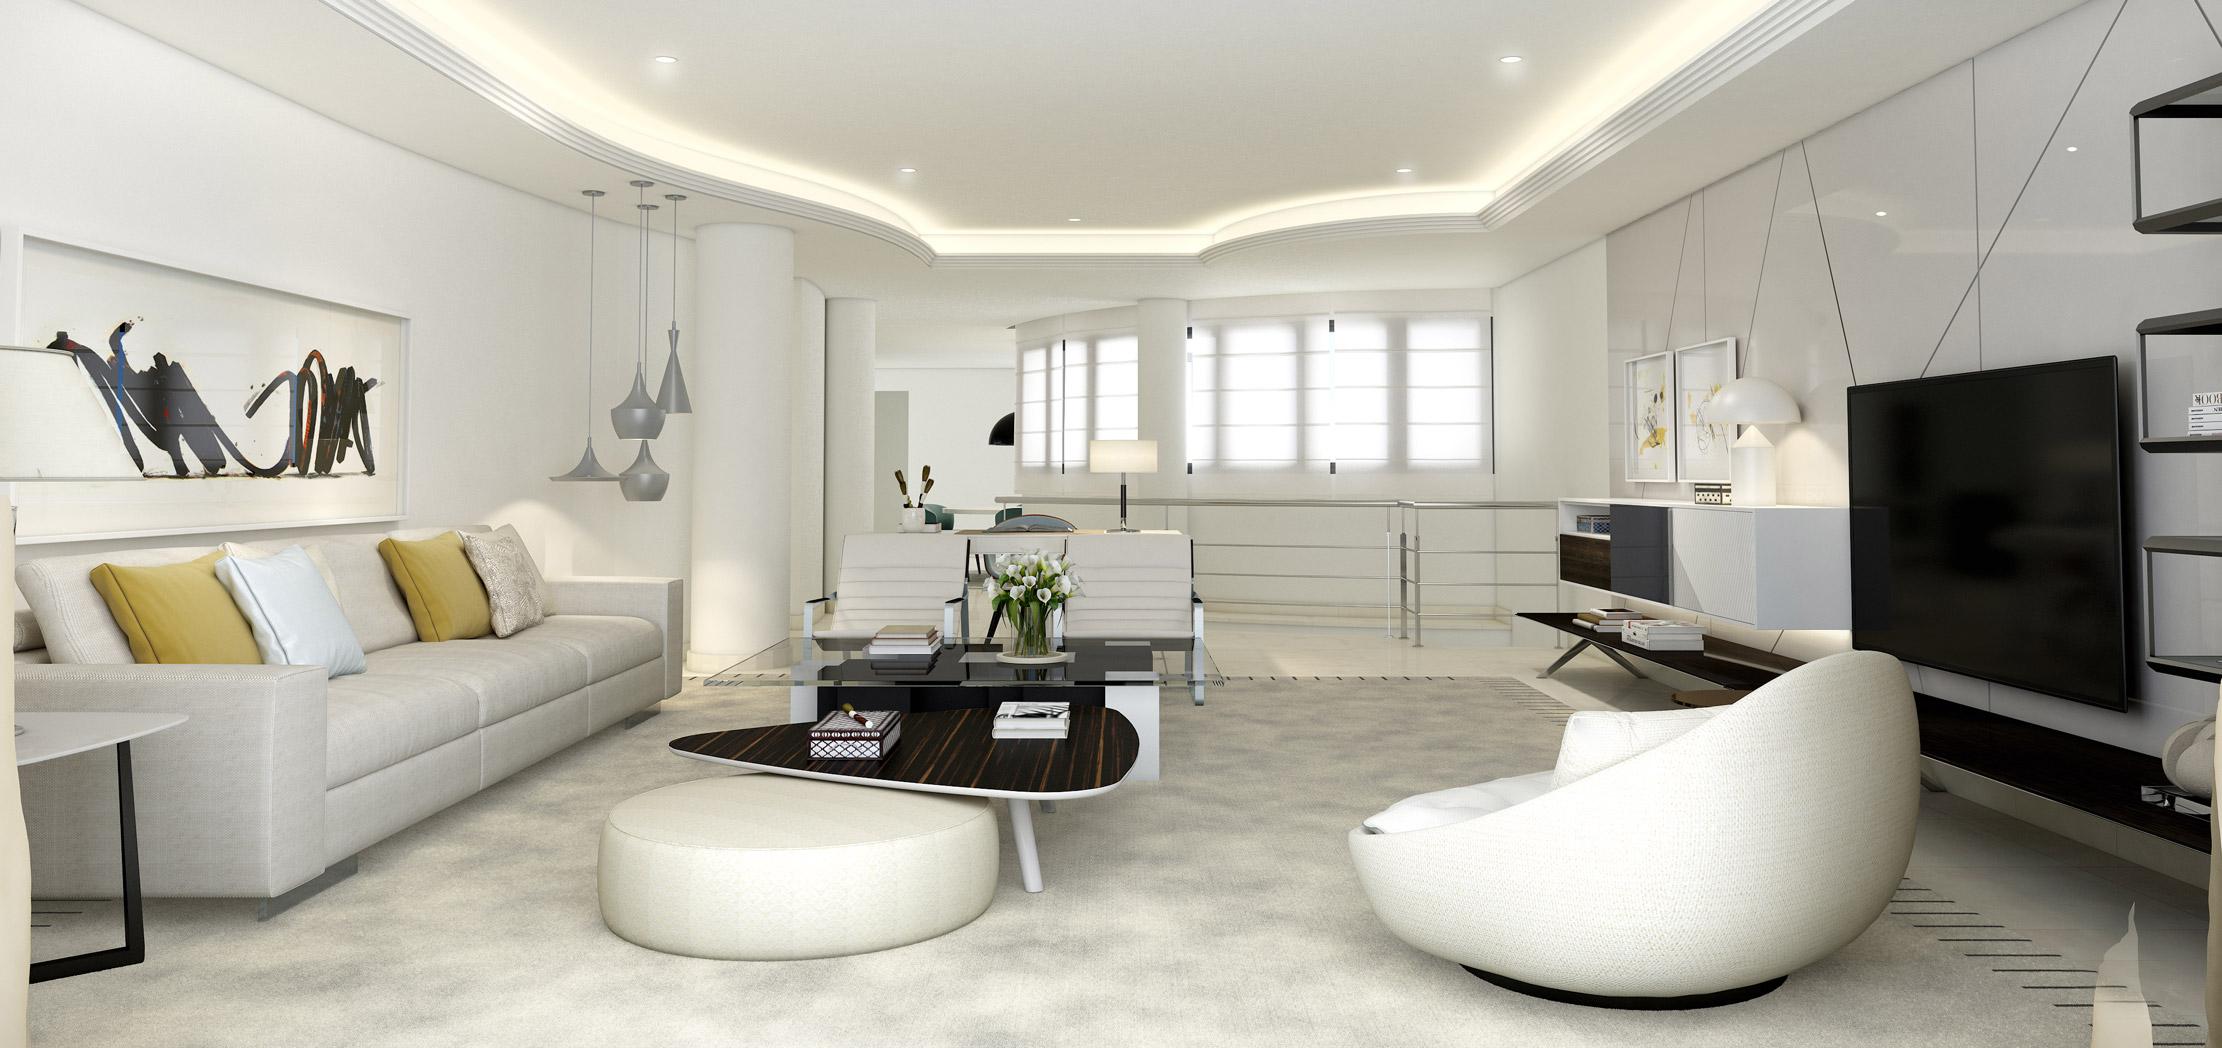 04 Jul Erik Pedro Pena Interior Decoration Marbella Design Lux 01 (6)